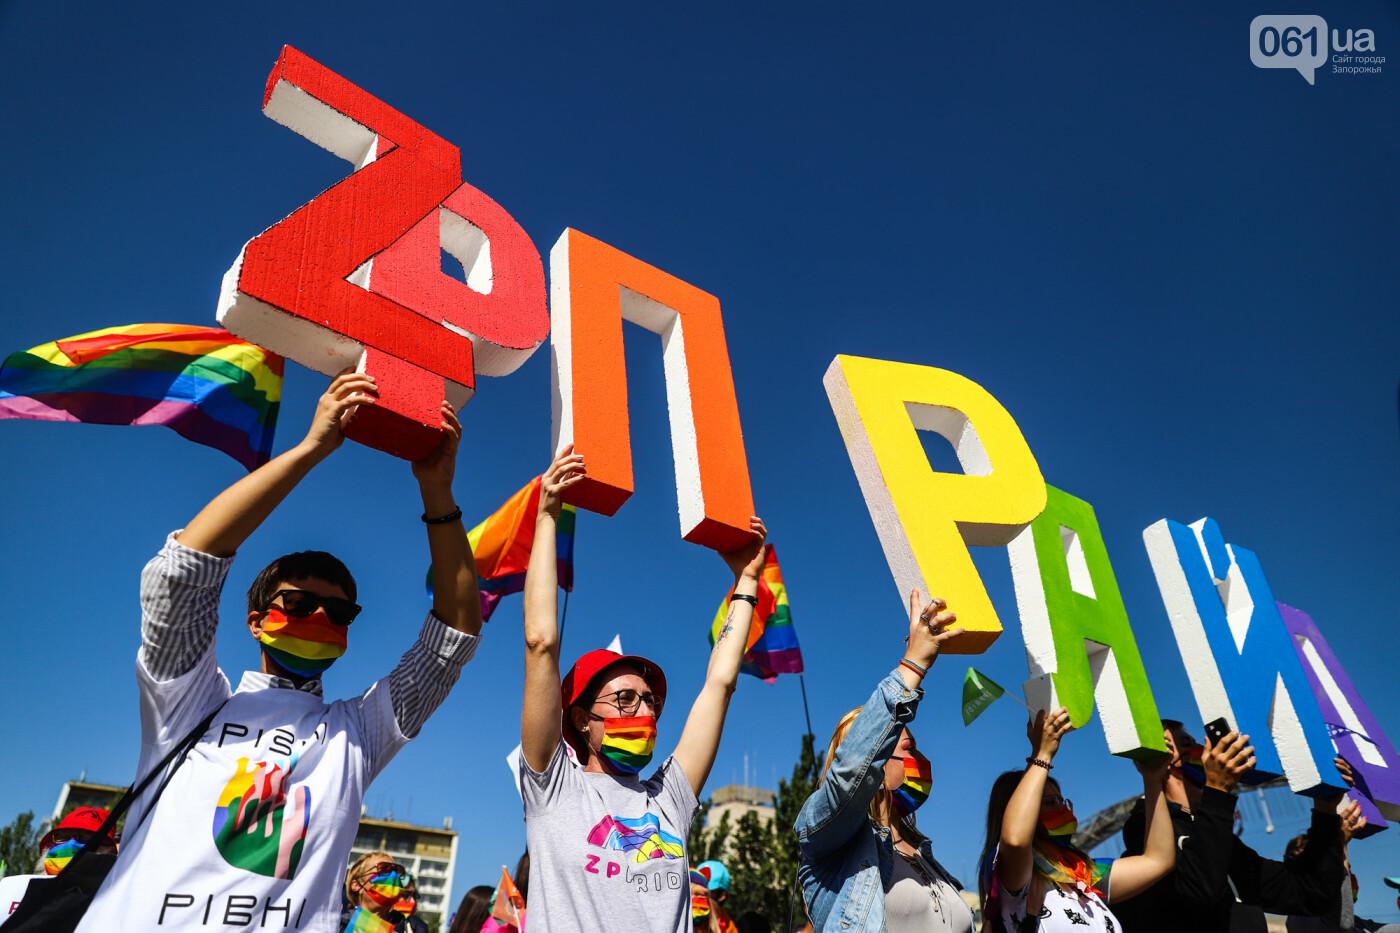 ЛГБТ-прайд, эко-митинг и восстановленные скульптуры в сквере Пионеров: сентябрь в фотографиях , фото-101